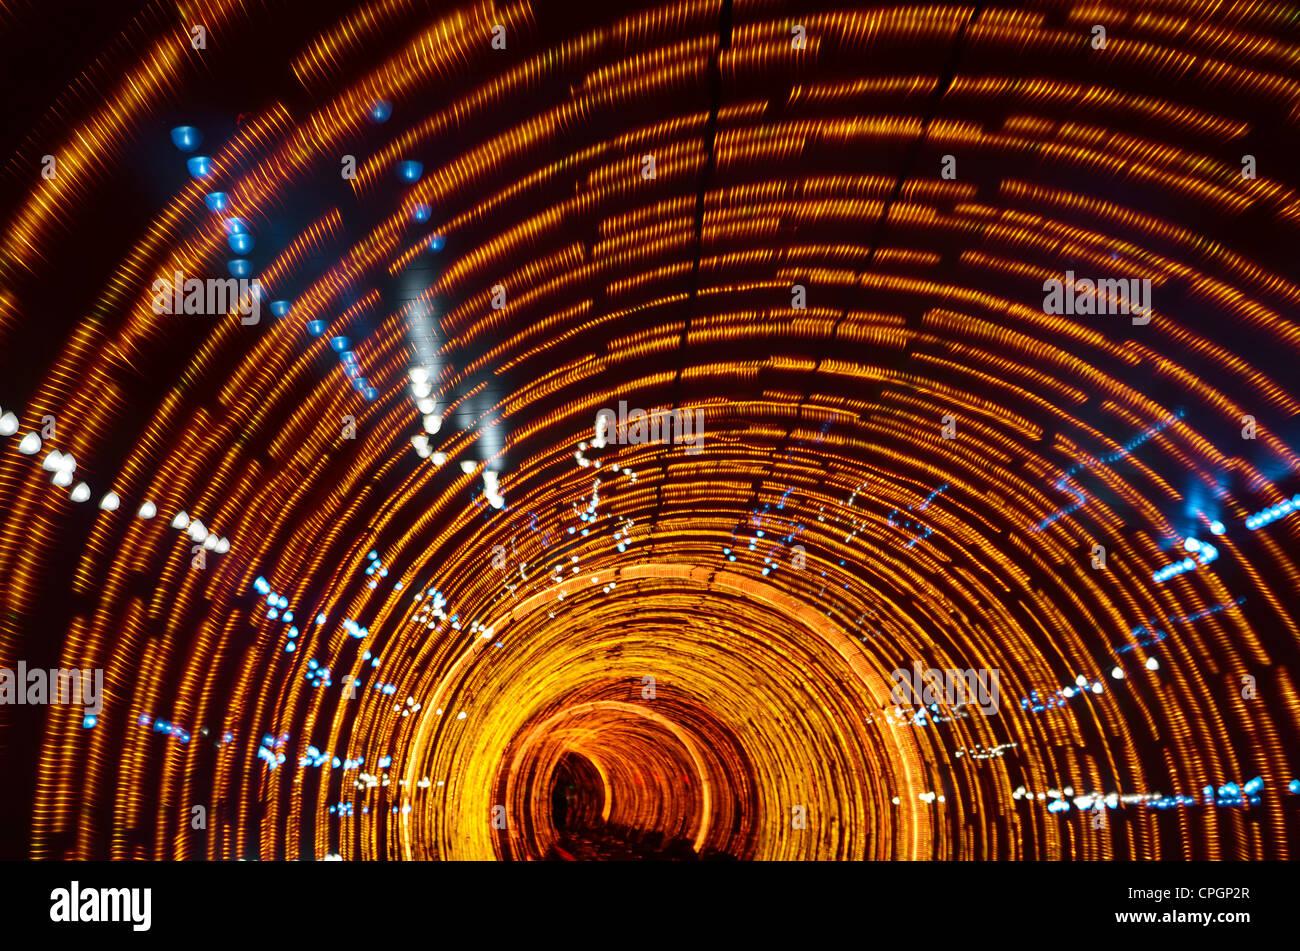 Feux orange psychédélique dans le bund sightseeing tunnel sous la rivière Huangpu Shanghai Chine Photo Stock